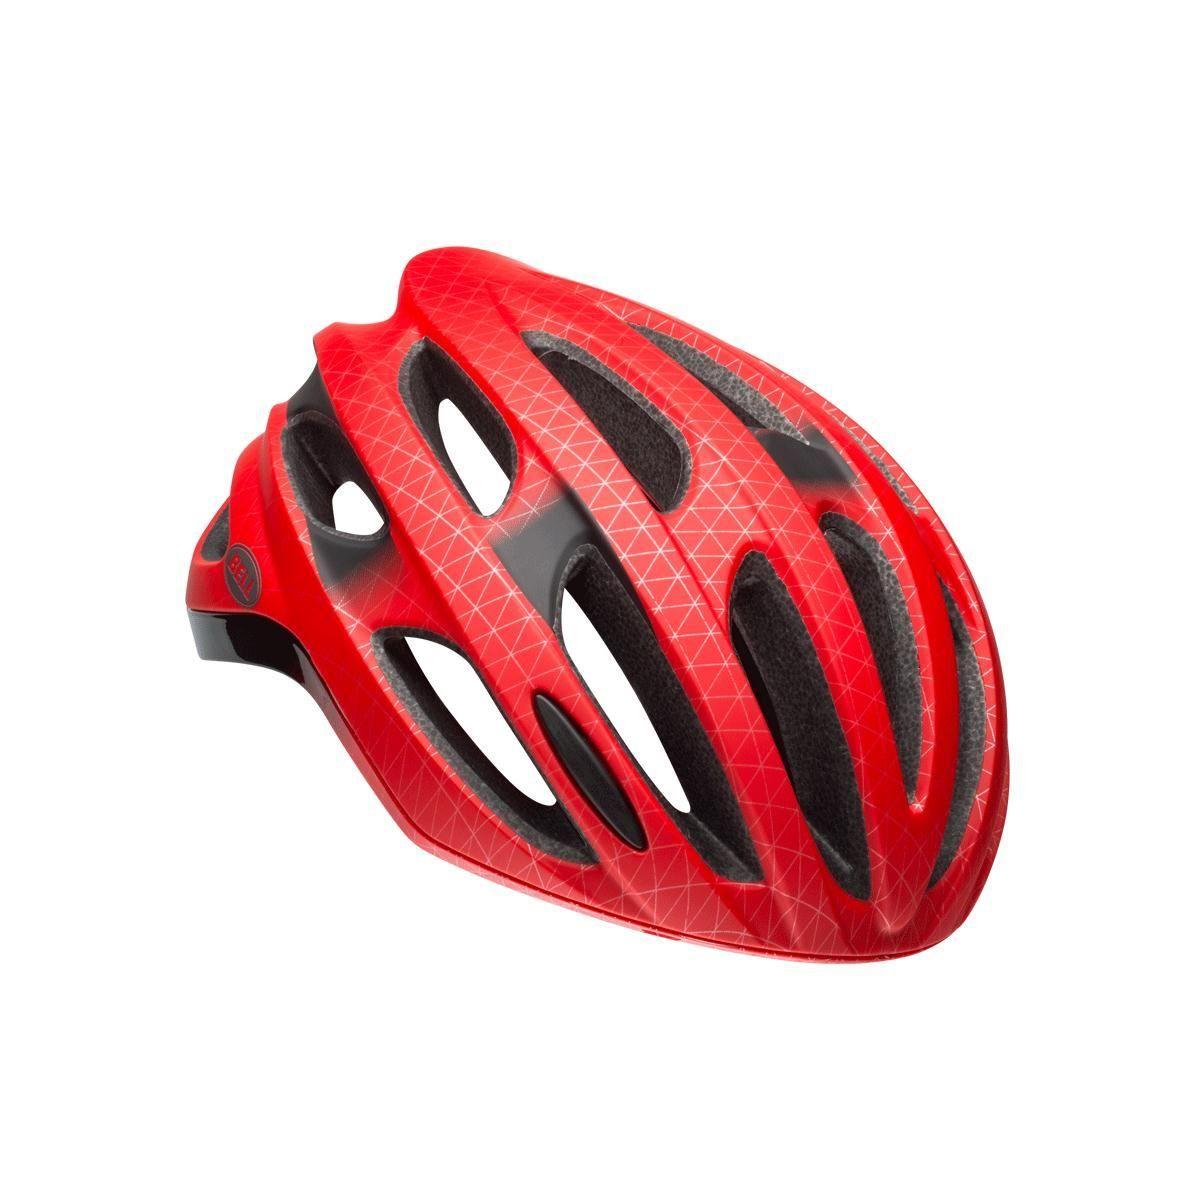 Bell Formula Road Helmet 2018: Matt/Gloss Red/Black L 58-62Cm